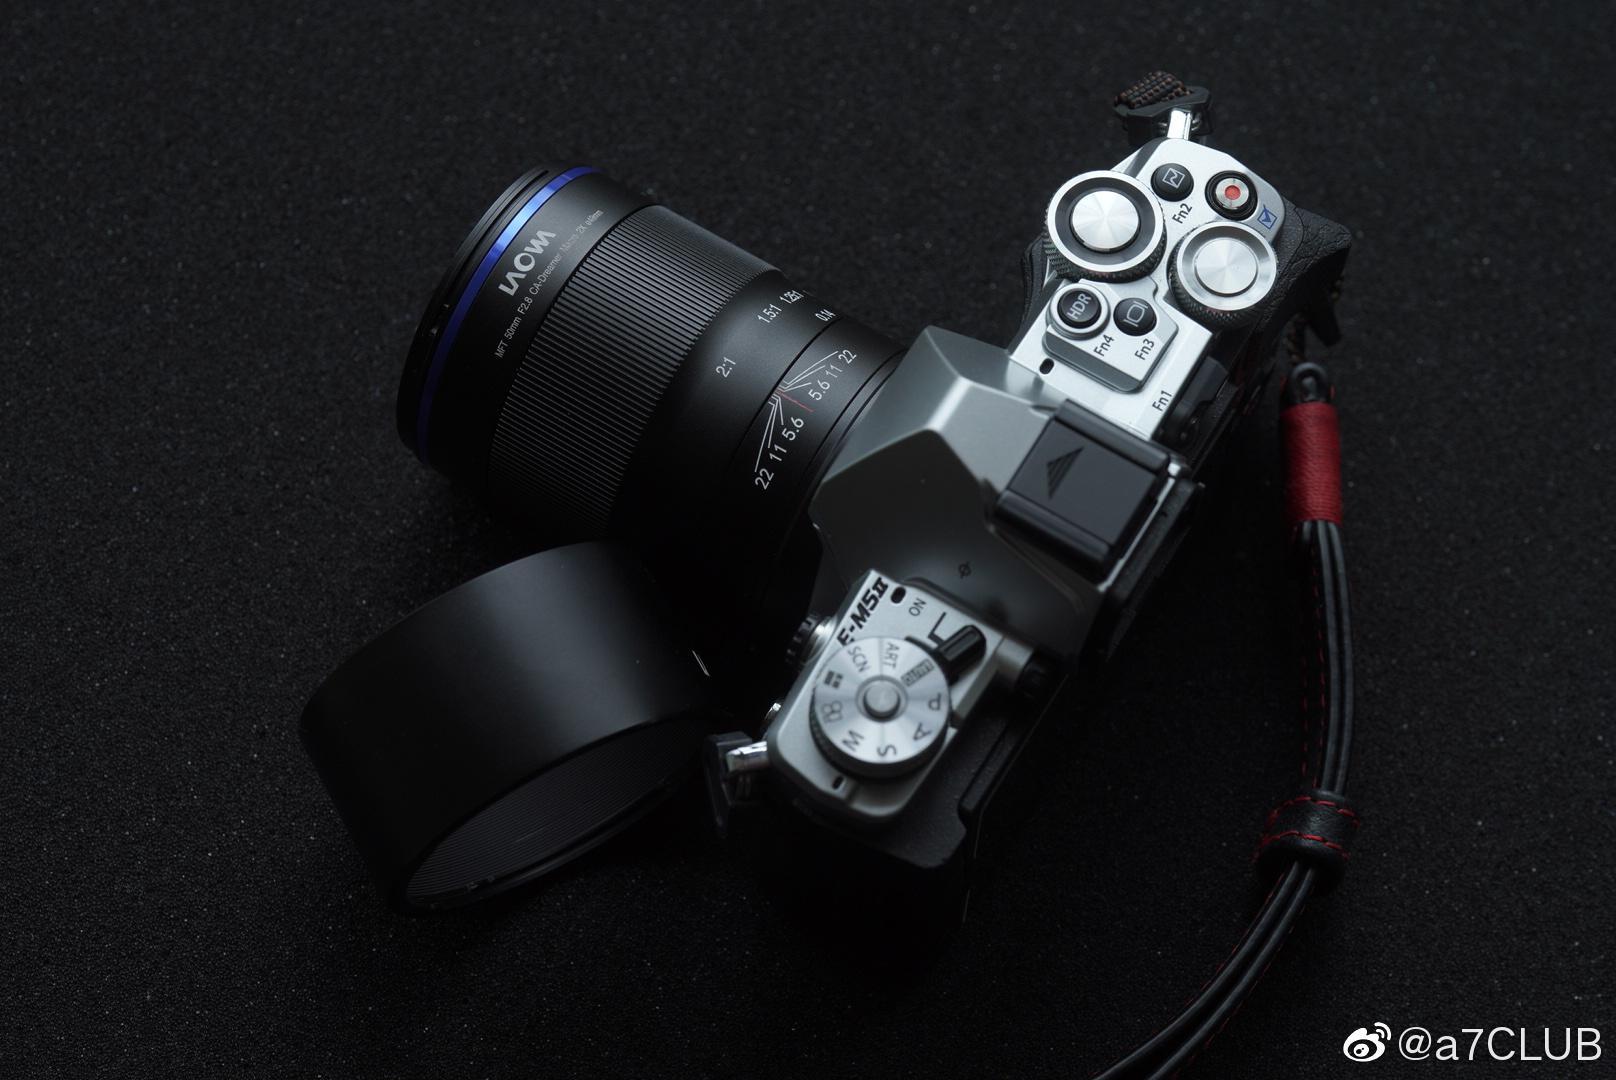 老蛙最新m43 2:1 50f2.8超微距镜头上手,带电子触点……